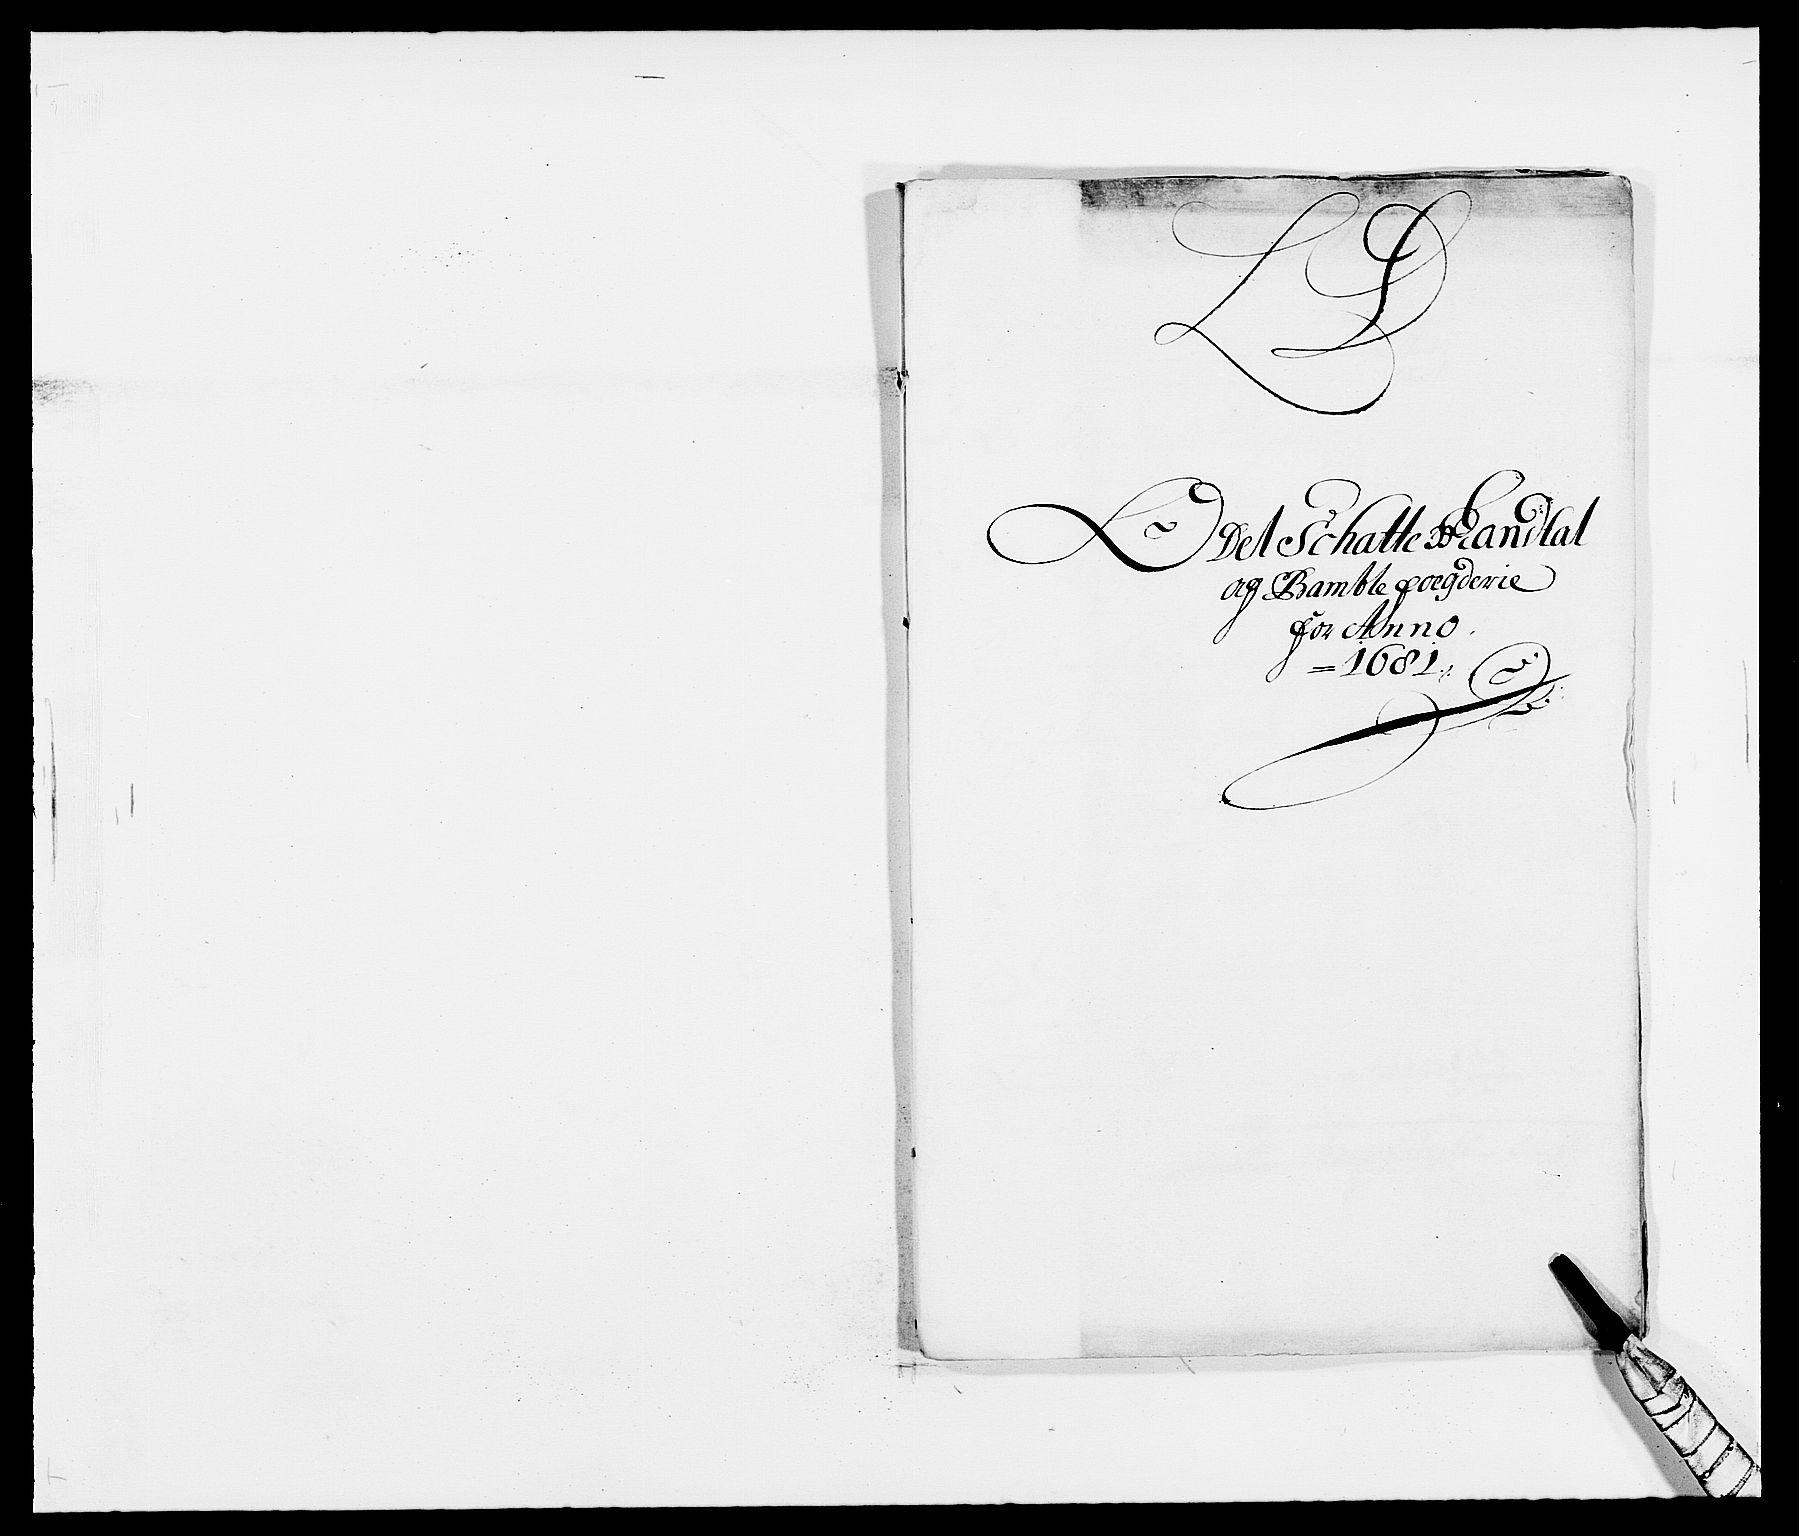 RA, Rentekammeret inntil 1814, Reviderte regnskaper, Fogderegnskap, R34/L2045: Fogderegnskap Bamble, 1680-1681, s. 344